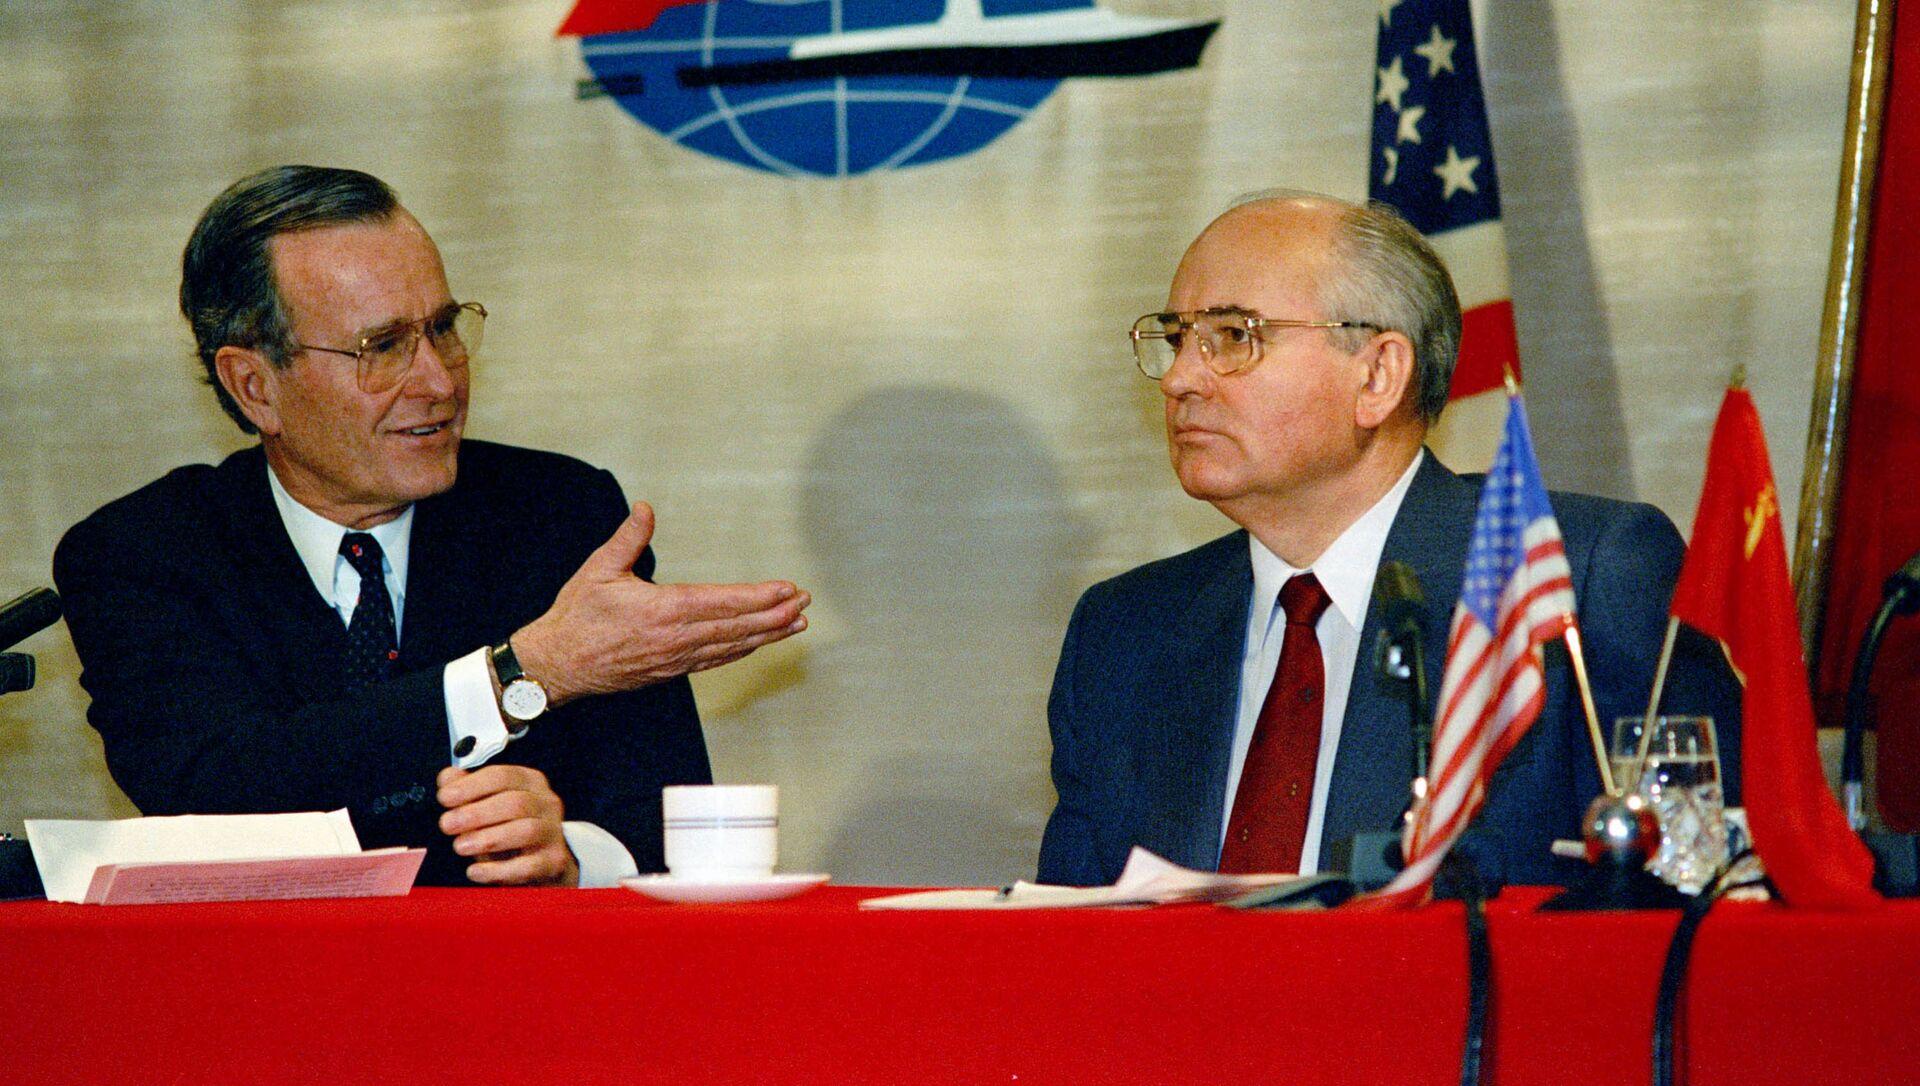 El presidente de EEUU, George Bush, y el líder soviético, Mijaíl Gorbachov, en la Cumbre de Malta - Sputnik Mundo, 1920, 03.12.2019